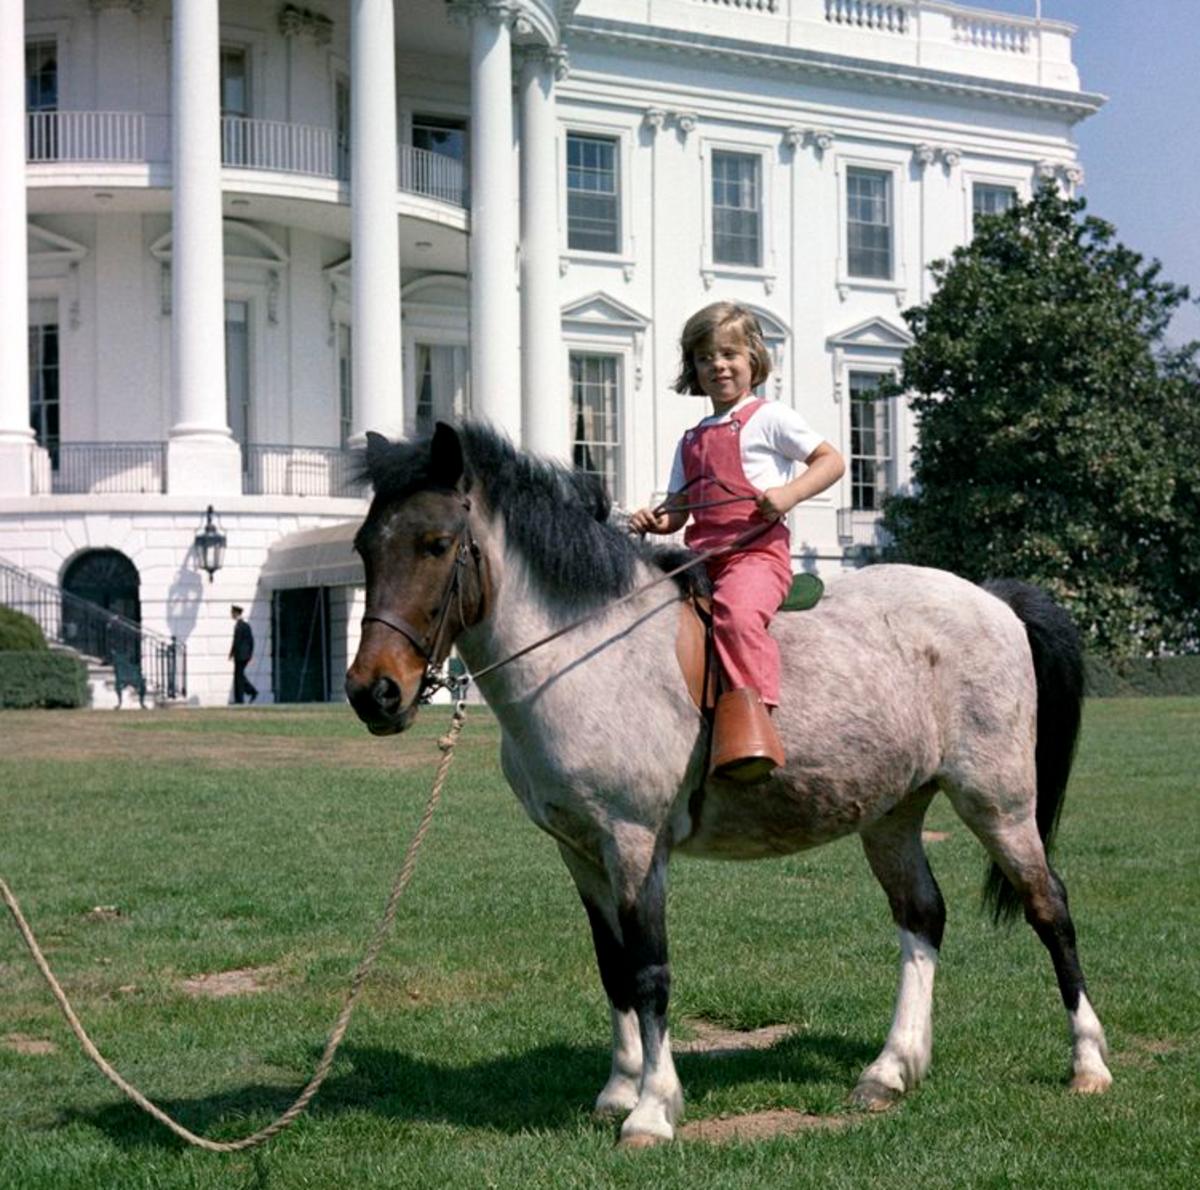 Caroline KennedyâÂÂs pony, Macaroni.